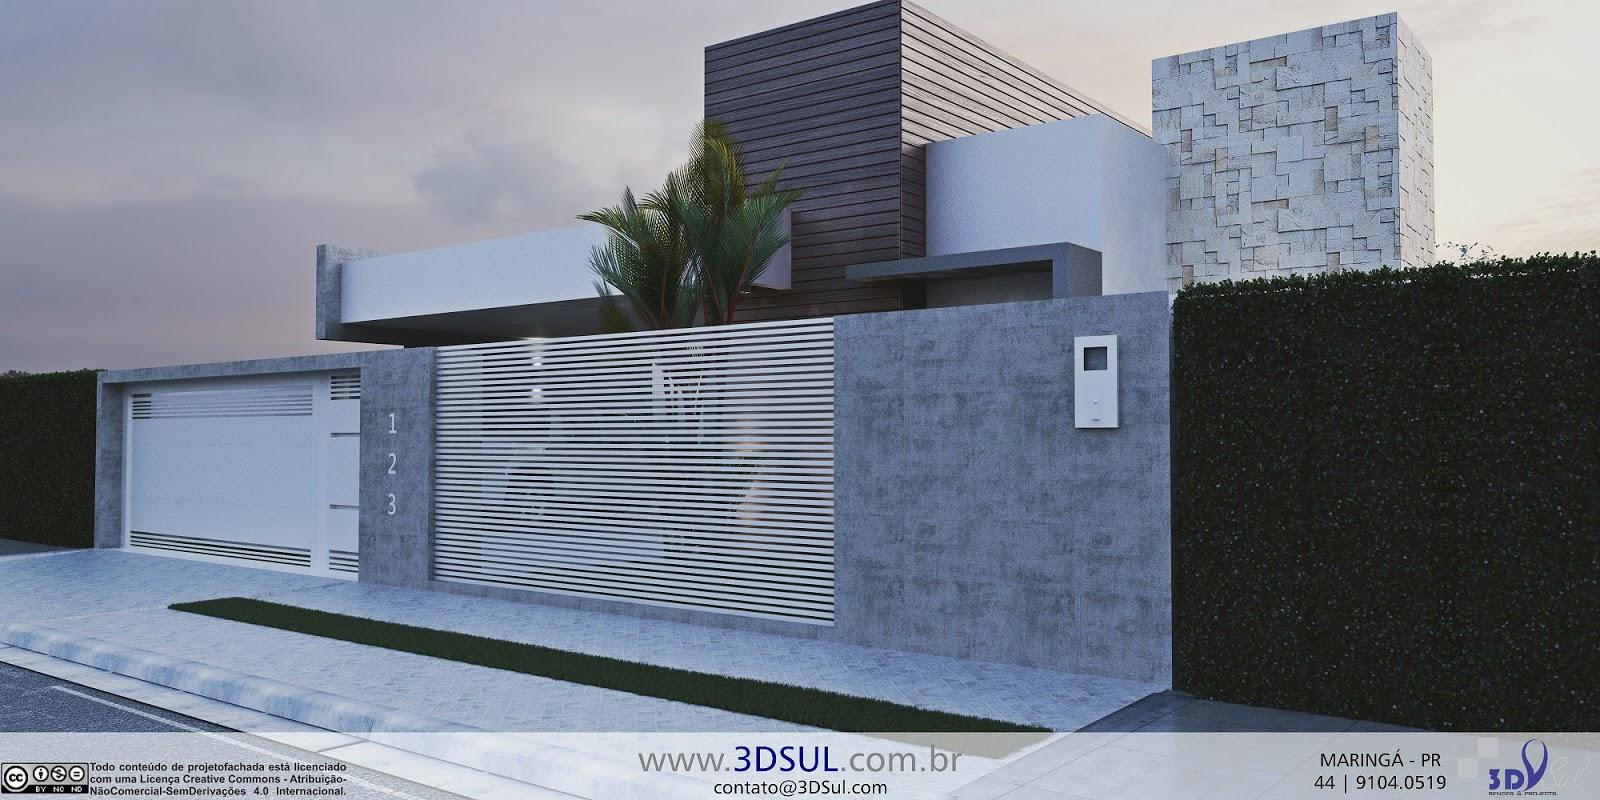 3dsul Maquete Eletr Nica 3d Projeto Arquitetonico 3d